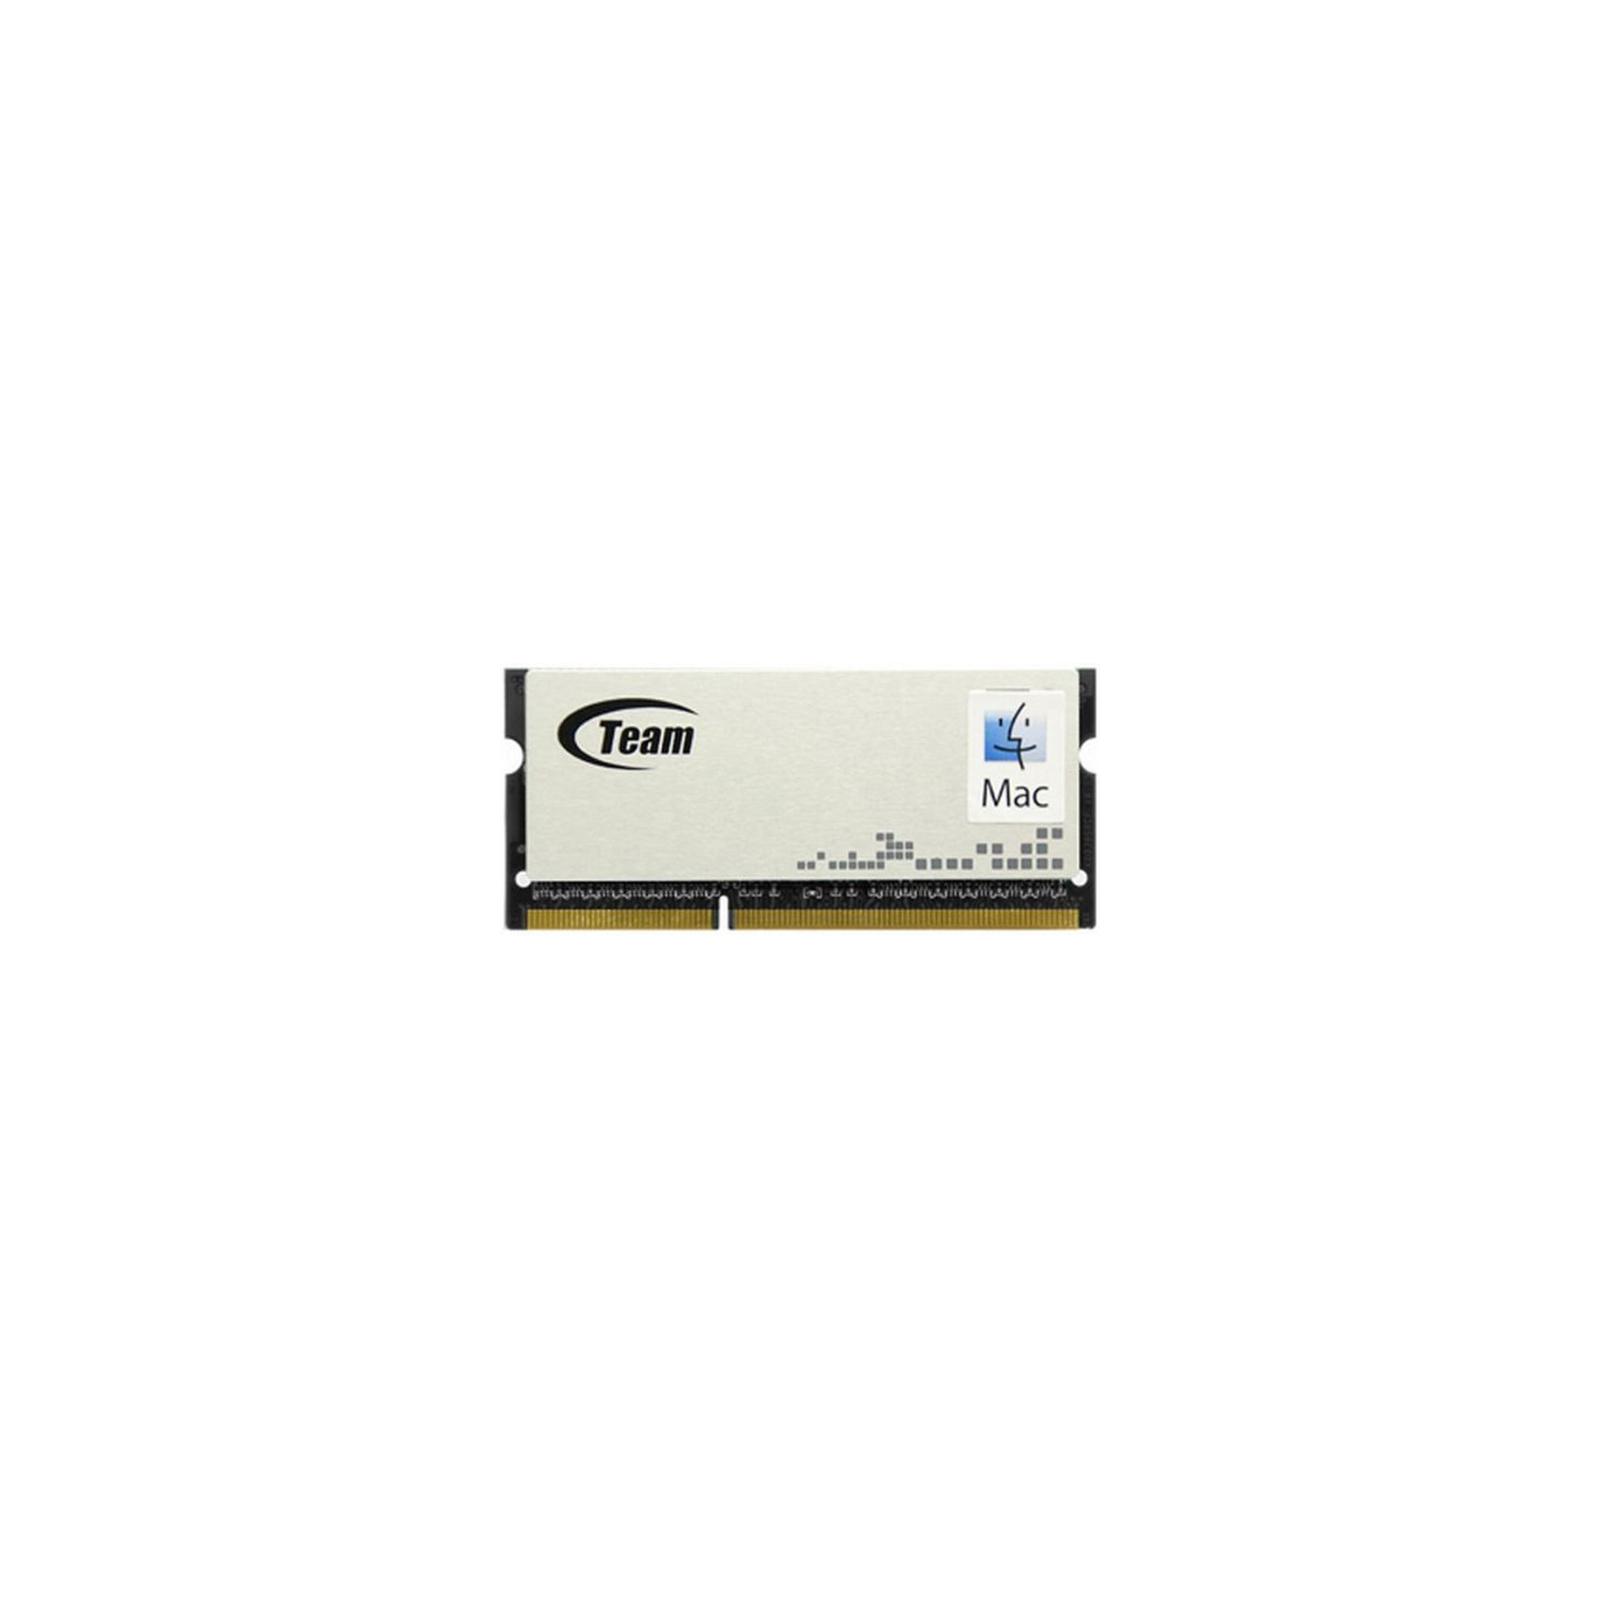 Модуль памяти для ноутбука SoDIMM DDR3 4GB 1600 MHz Team (TMD3L4G1600HC11-S01)